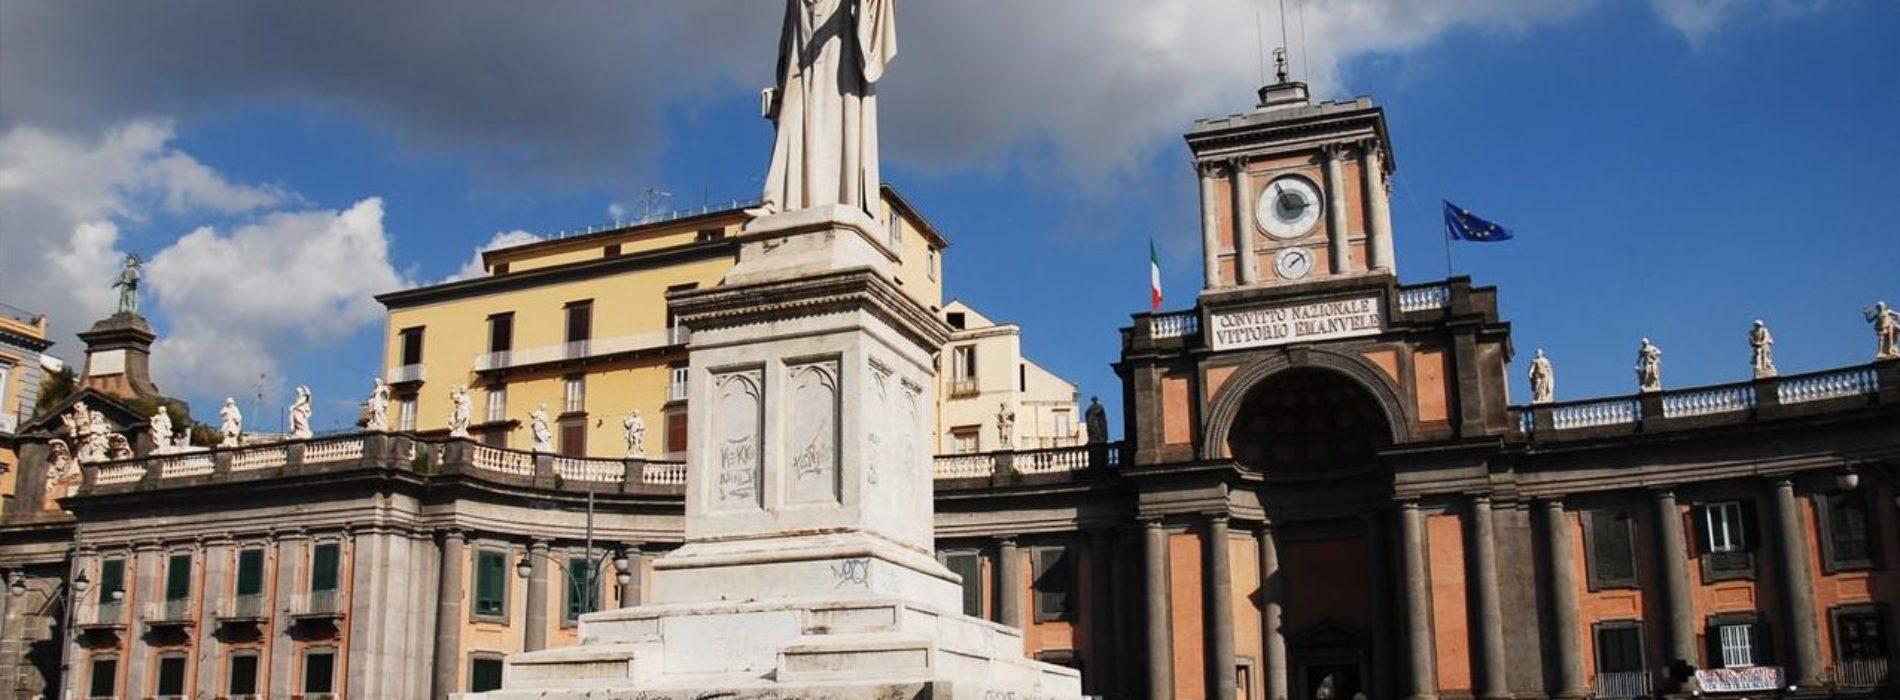 La storia di Piazza Dante